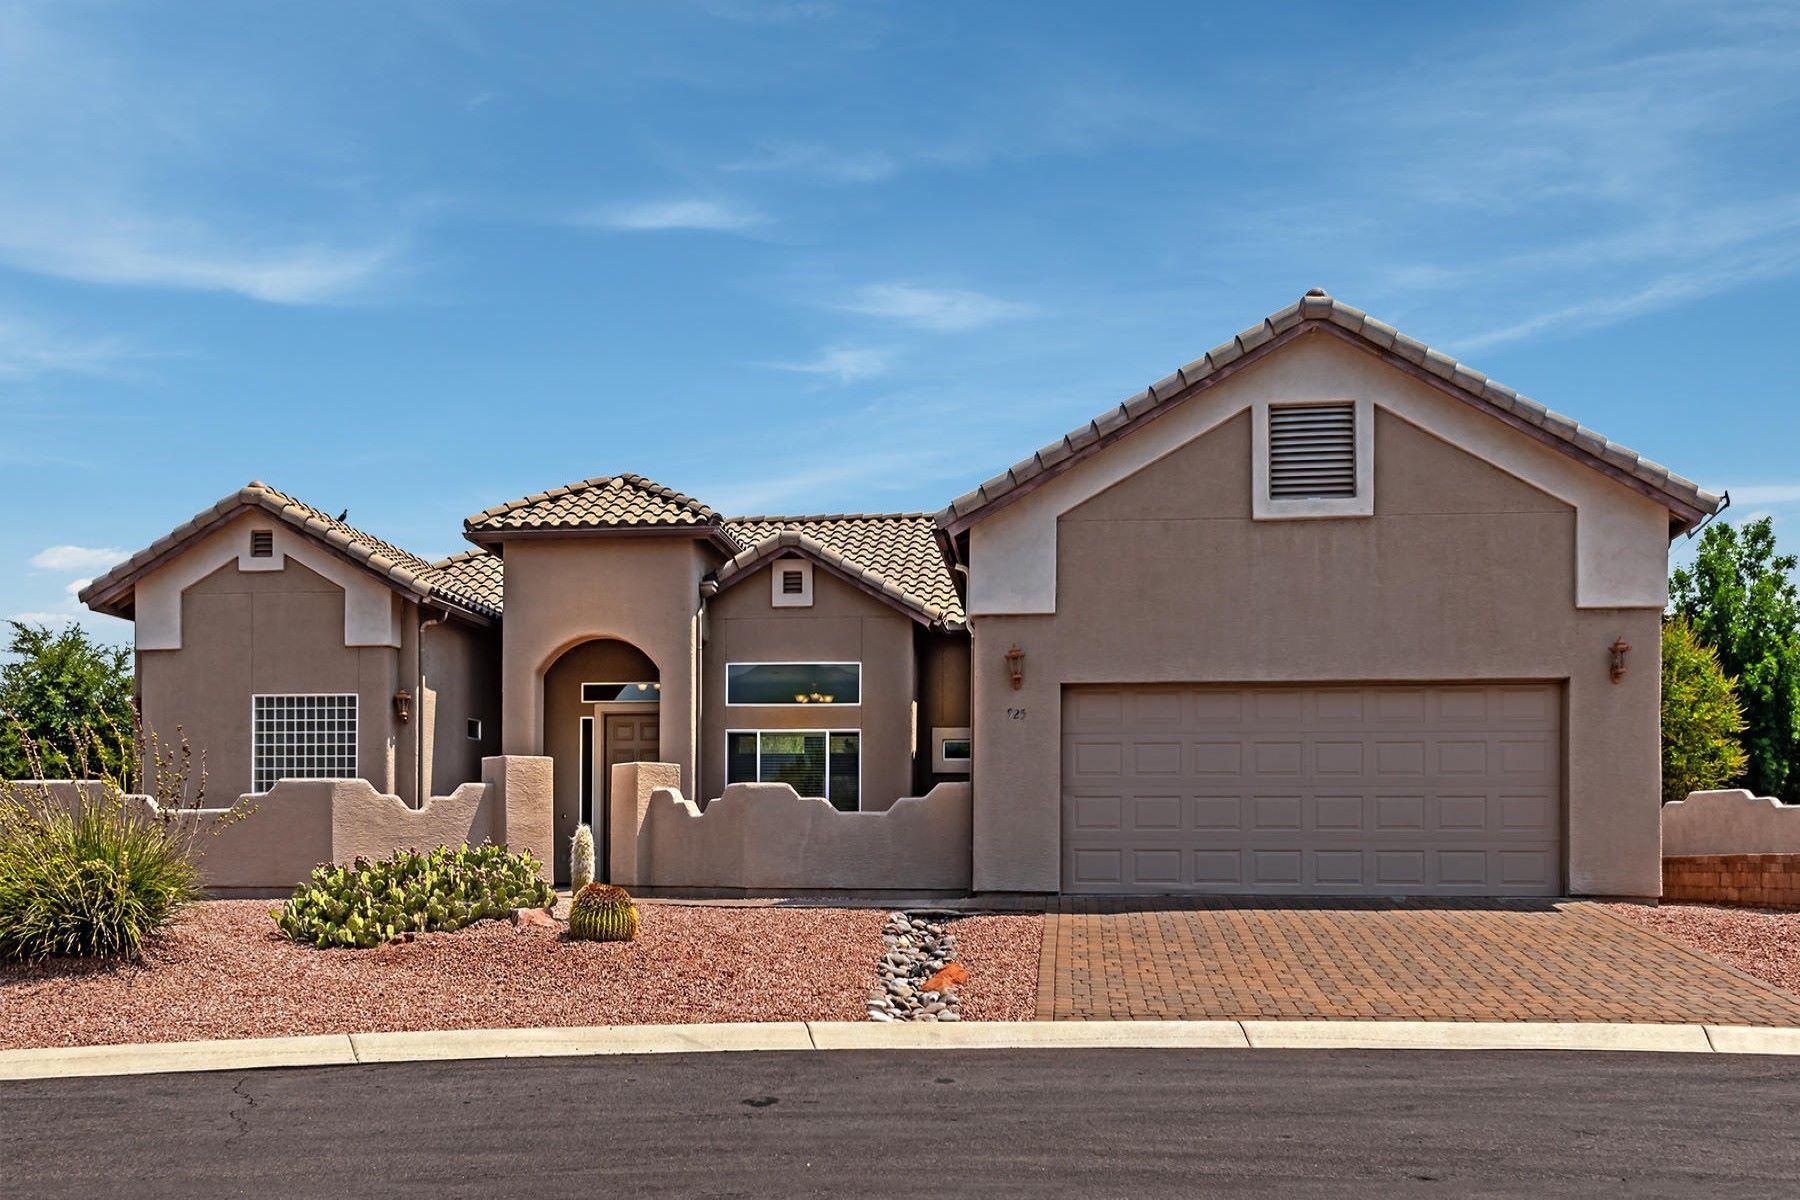 single family homes for Active at Beautiful Biella model in the prestigious La Privada at Verde Santa 925 S Pine Ridge Court Cornville, Arizona 86325 United States